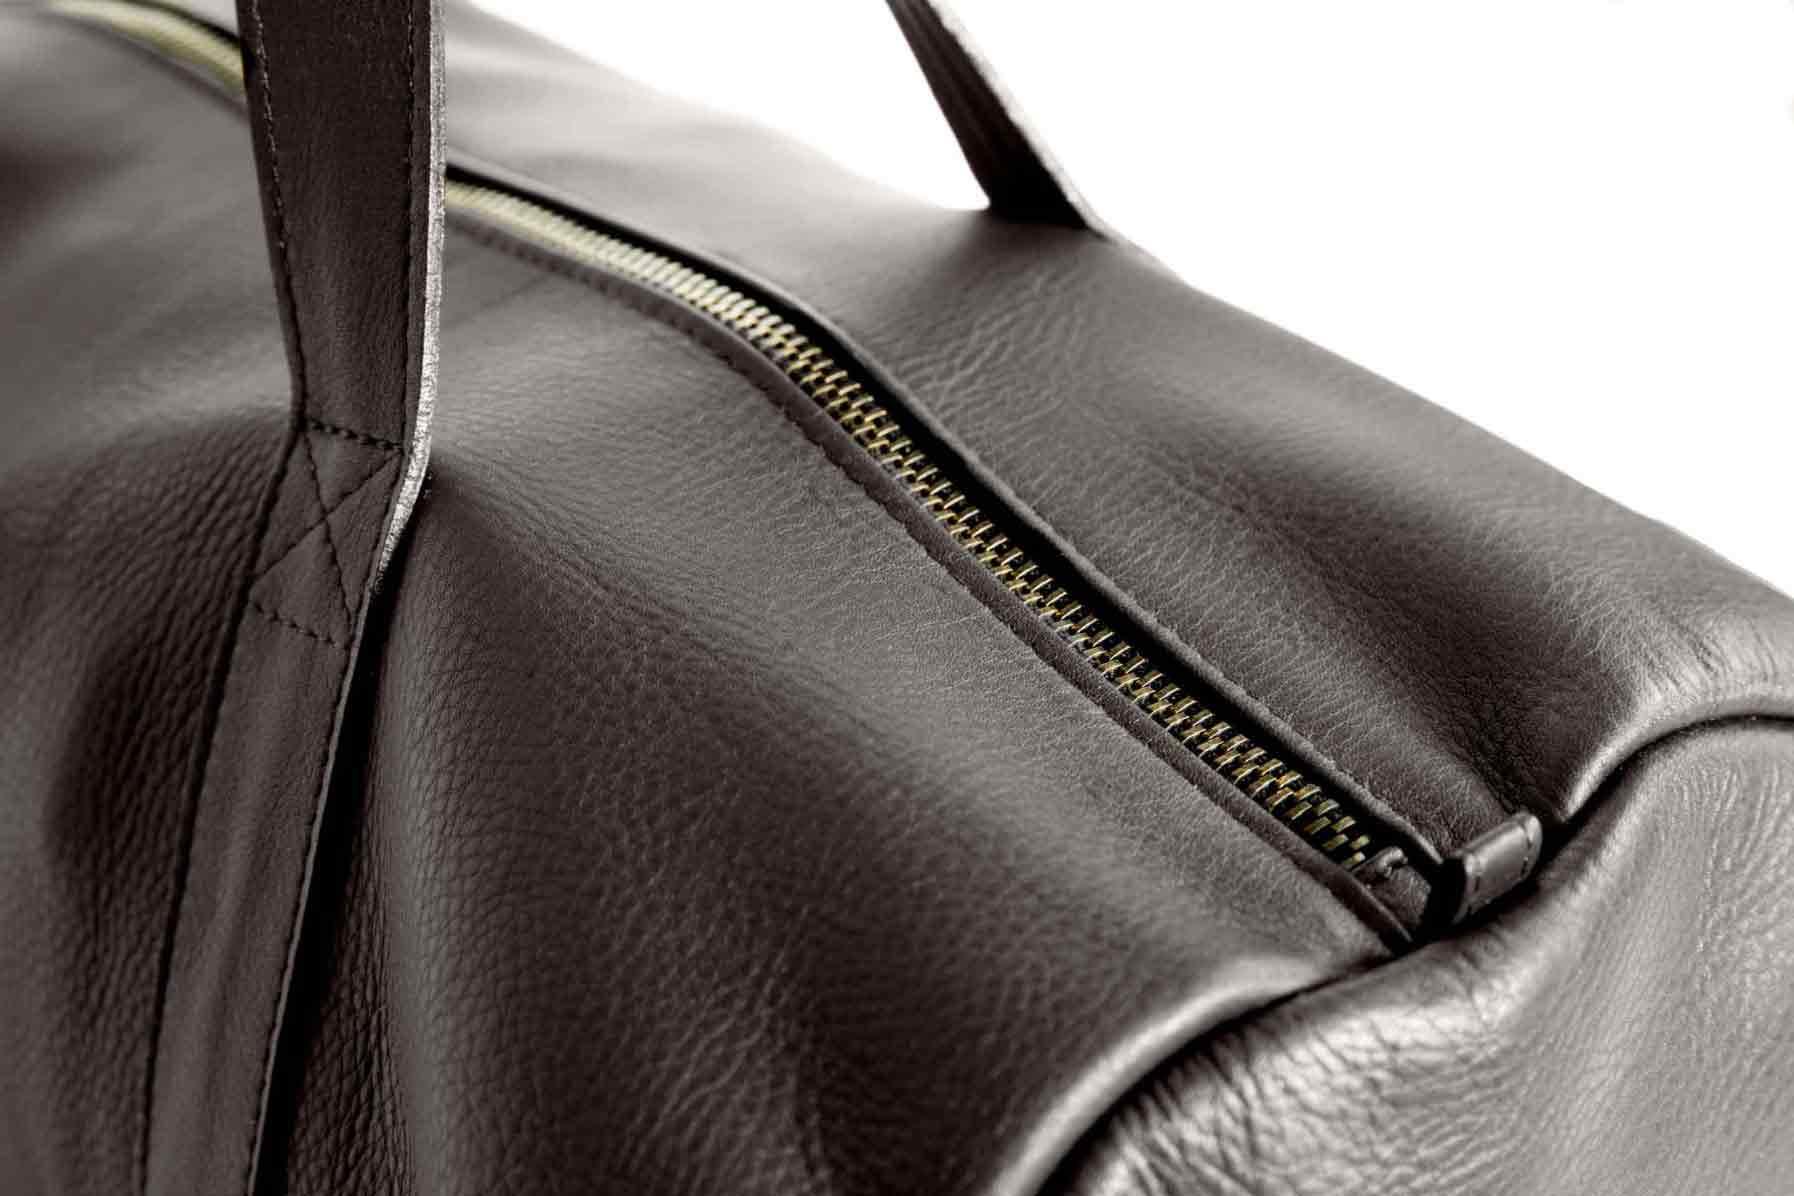 Visuel - Détail - sac modèle polochon - Lenox en cuir marron chocolat - ordinari.shop